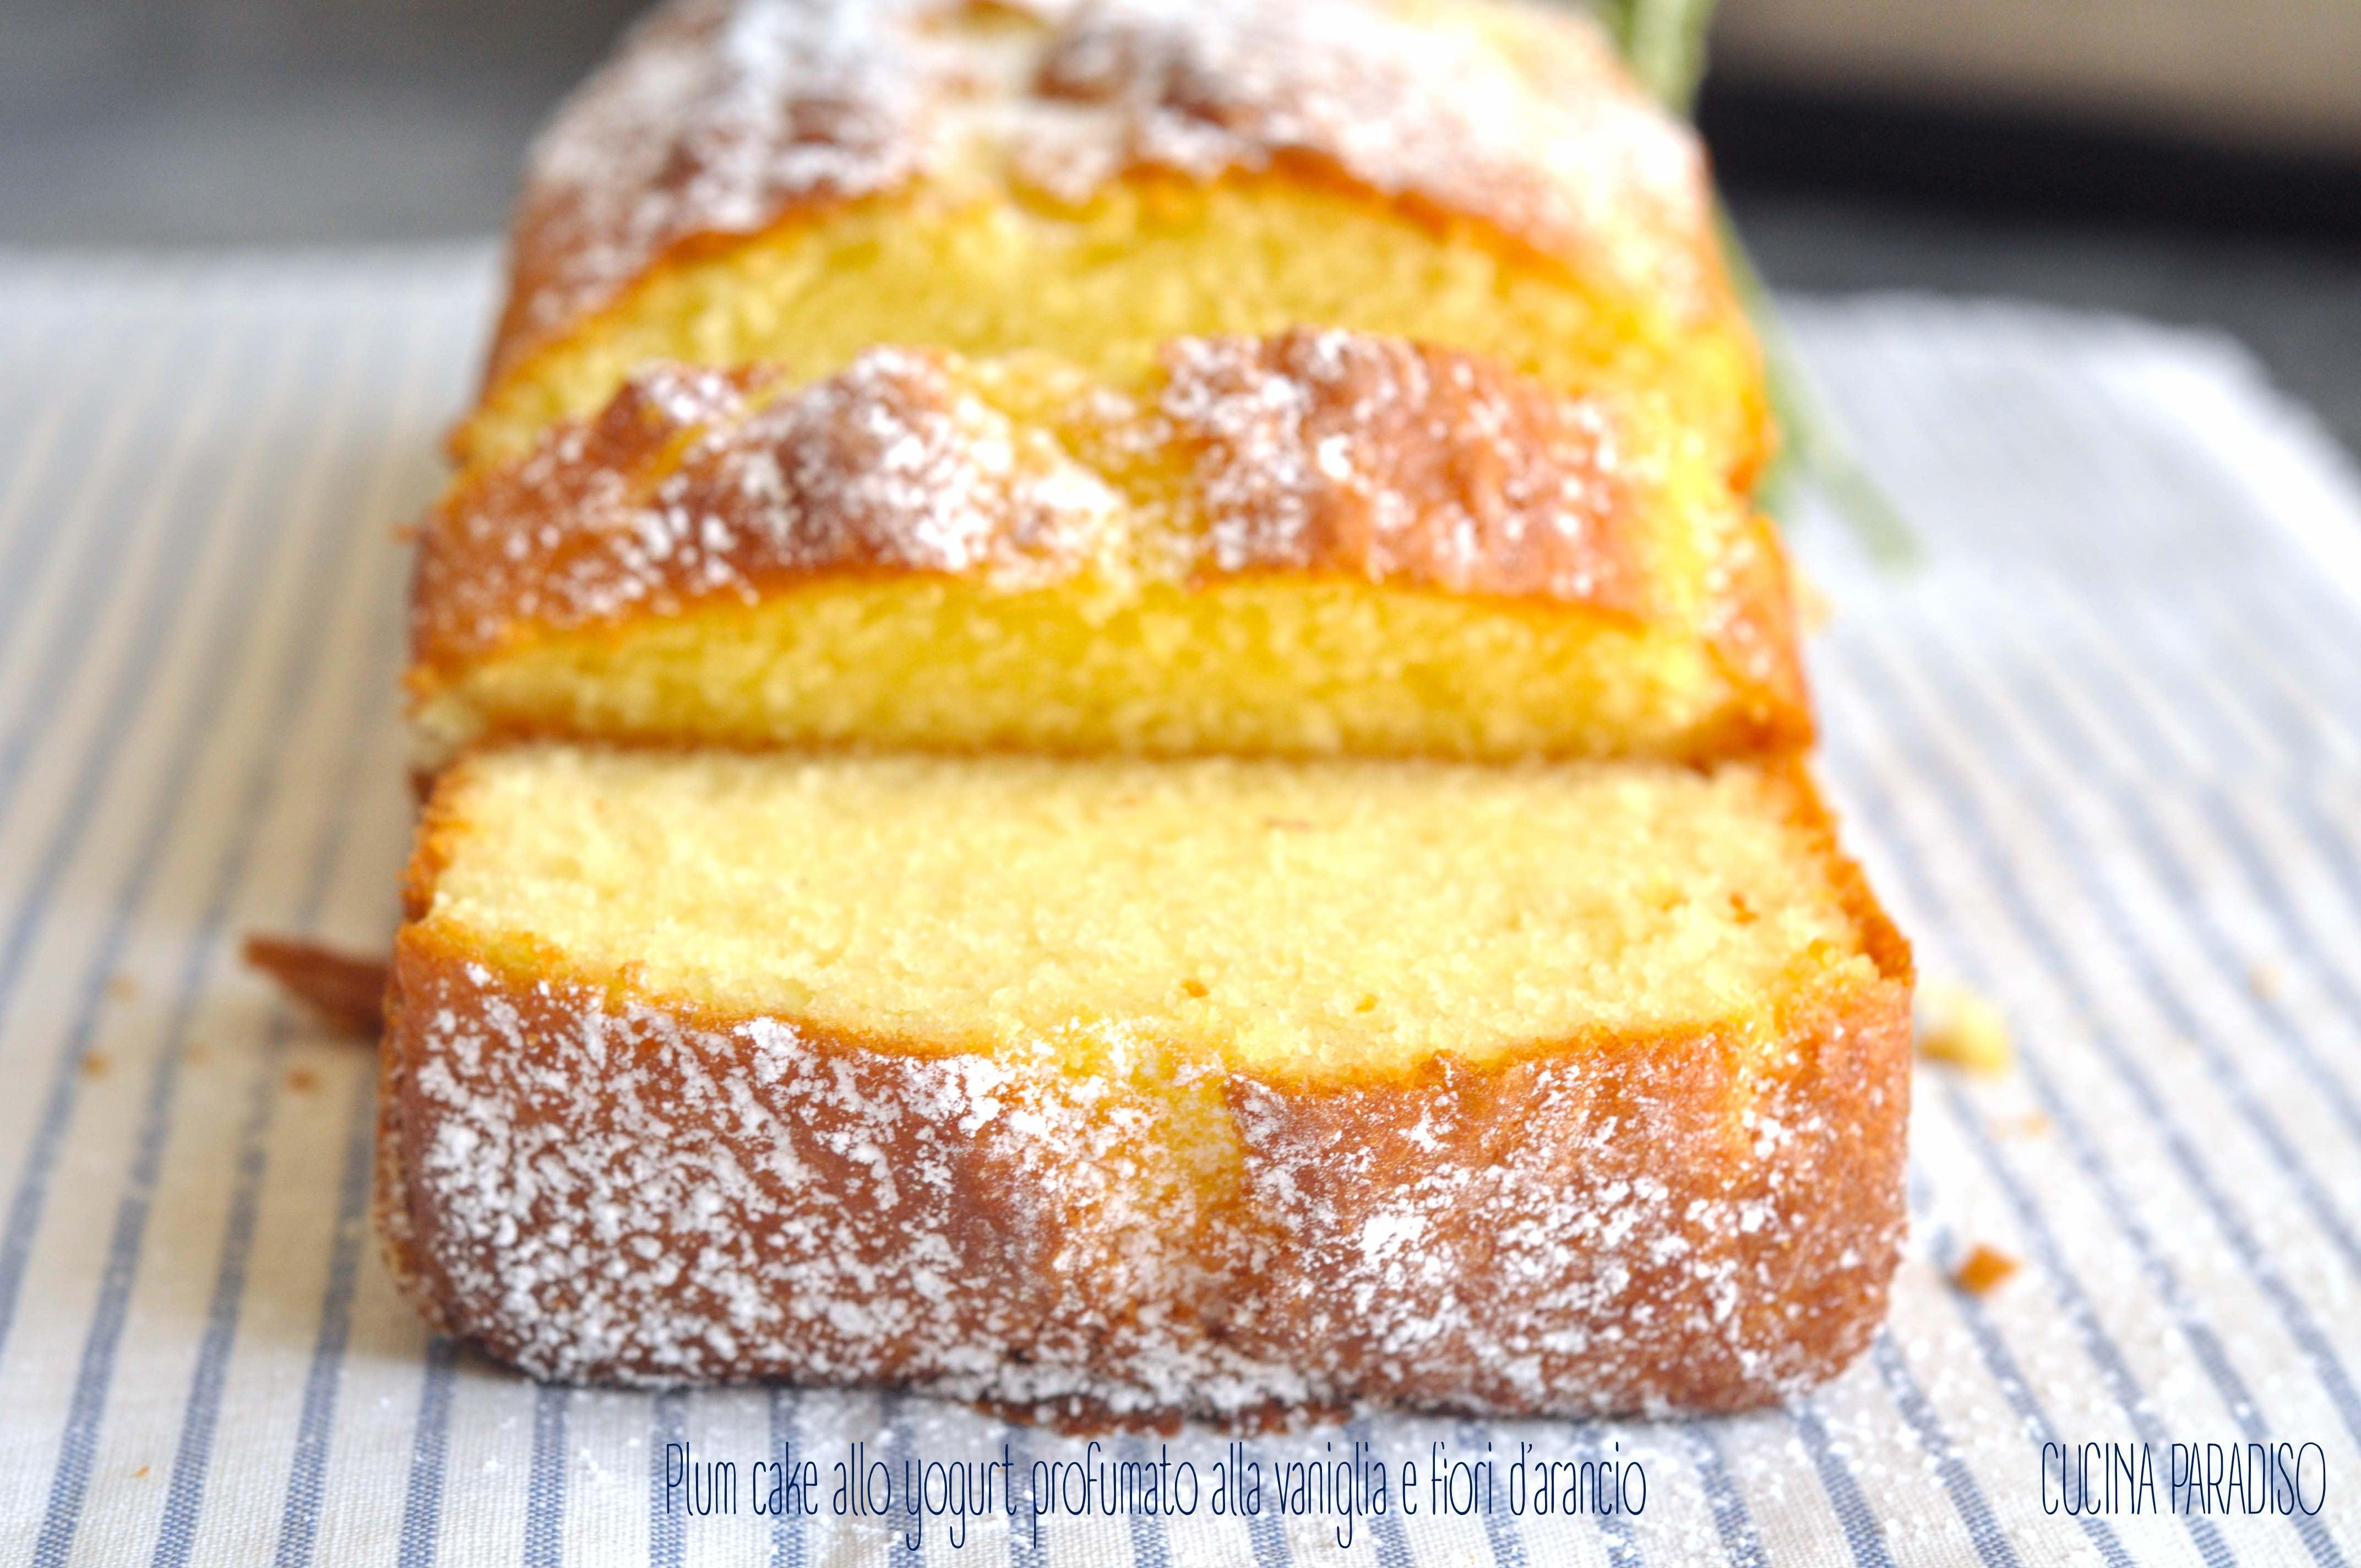 Plum cake allo yogurt profumato alla vaniglia e fiori d'arancio4